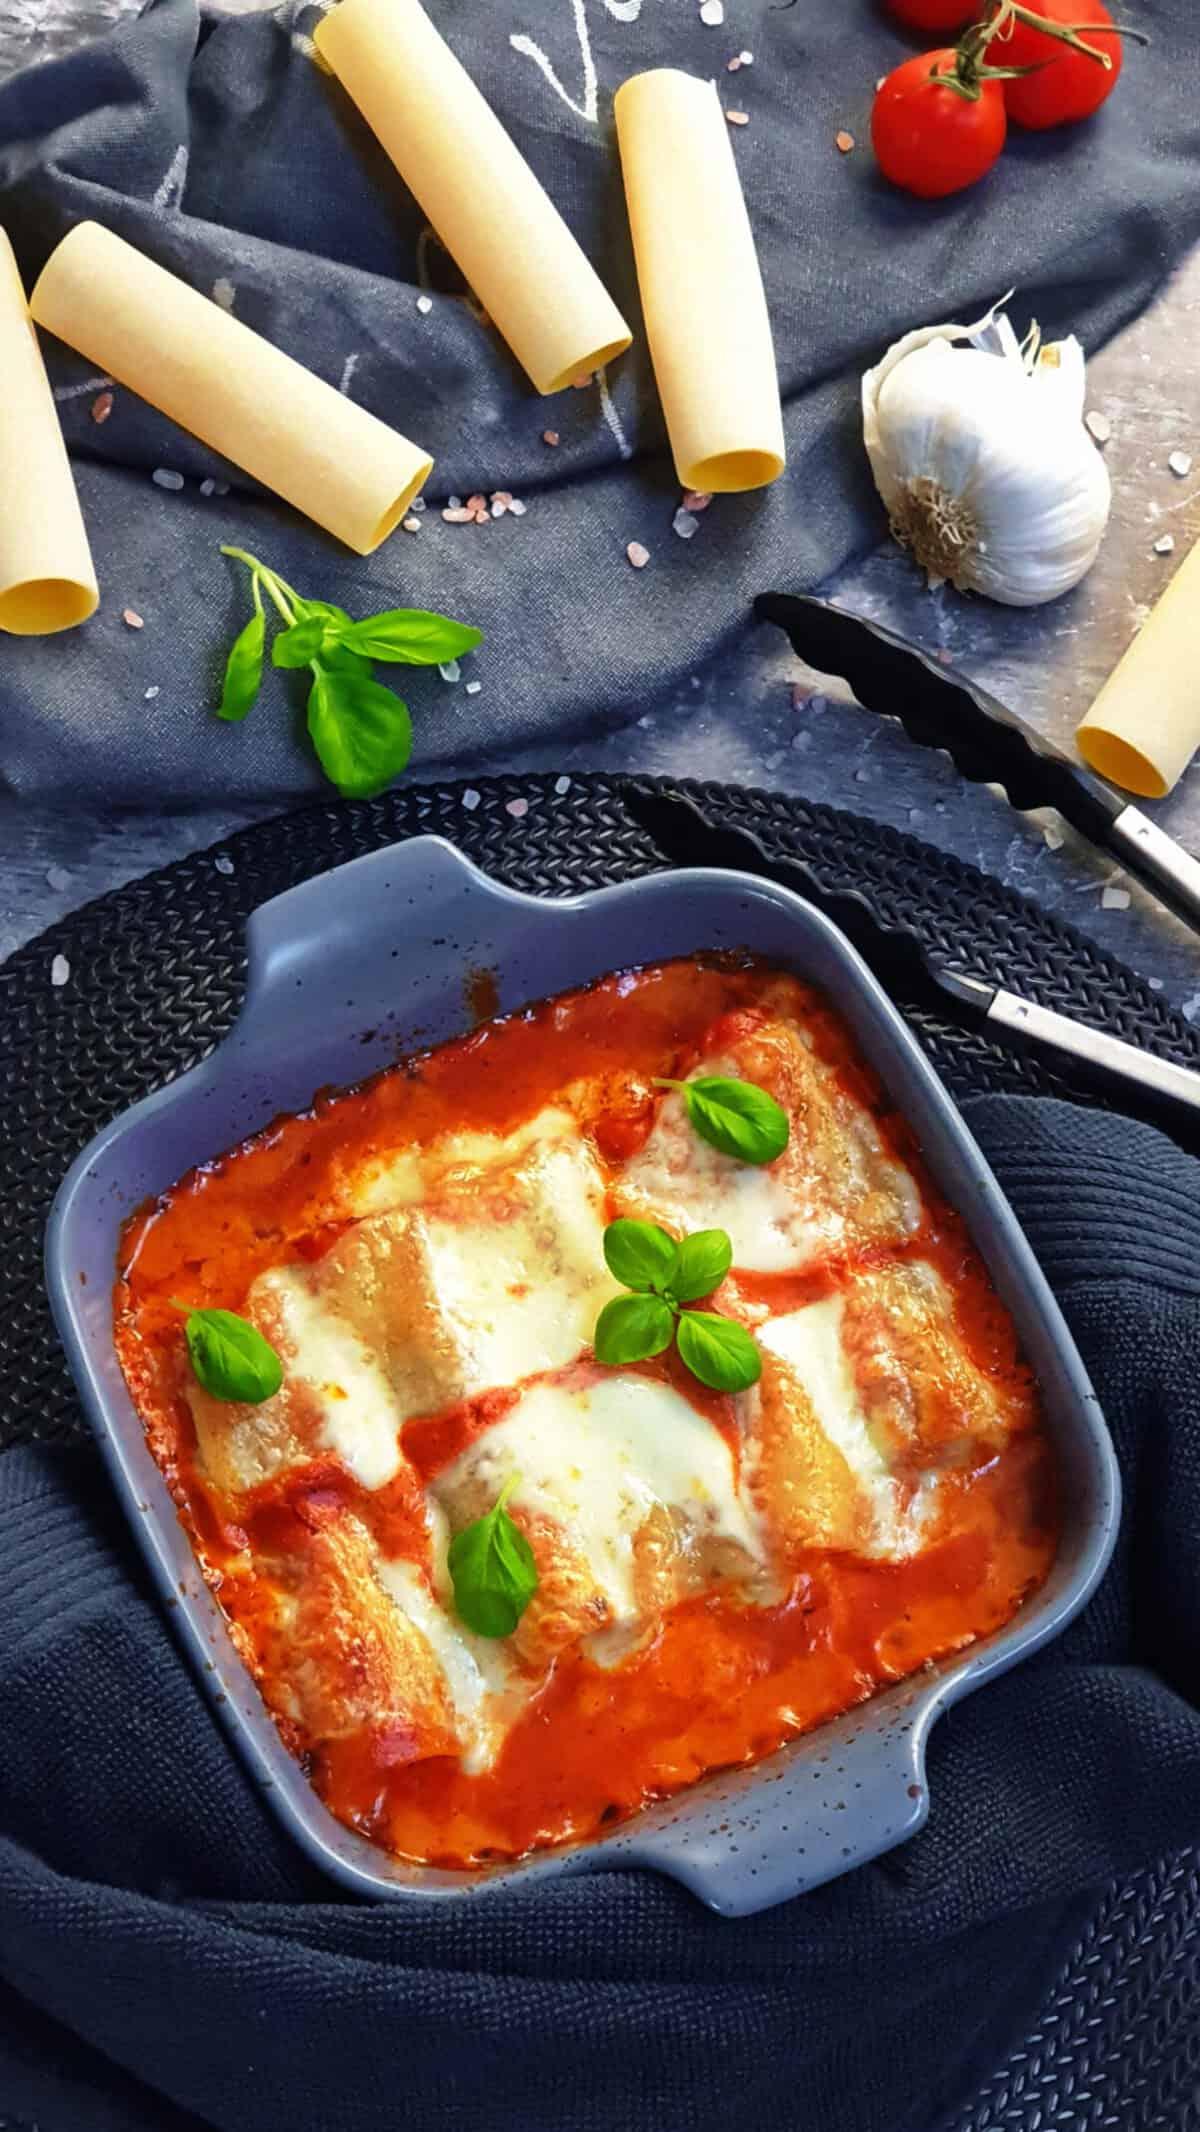 In einer grauen Auflaufform gefüllte Cannelloni mit Hackfleisch in Tomatensoße. Im Hintergrund Deko.